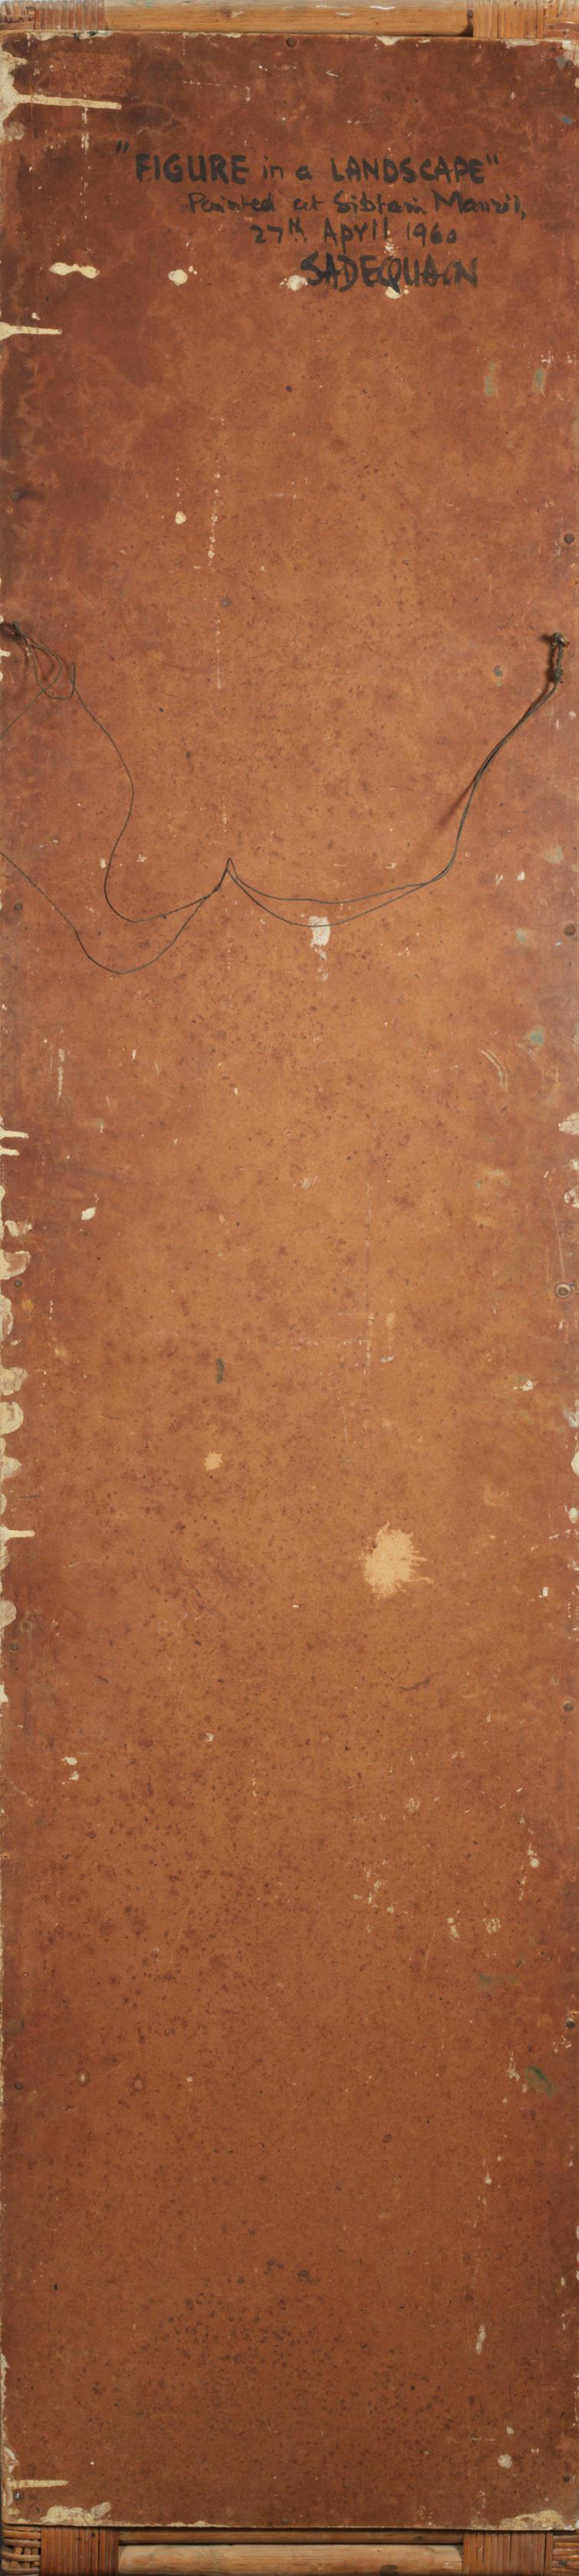 Sadequain (Pakistan, 1937-1987) Figure in a Landscape,